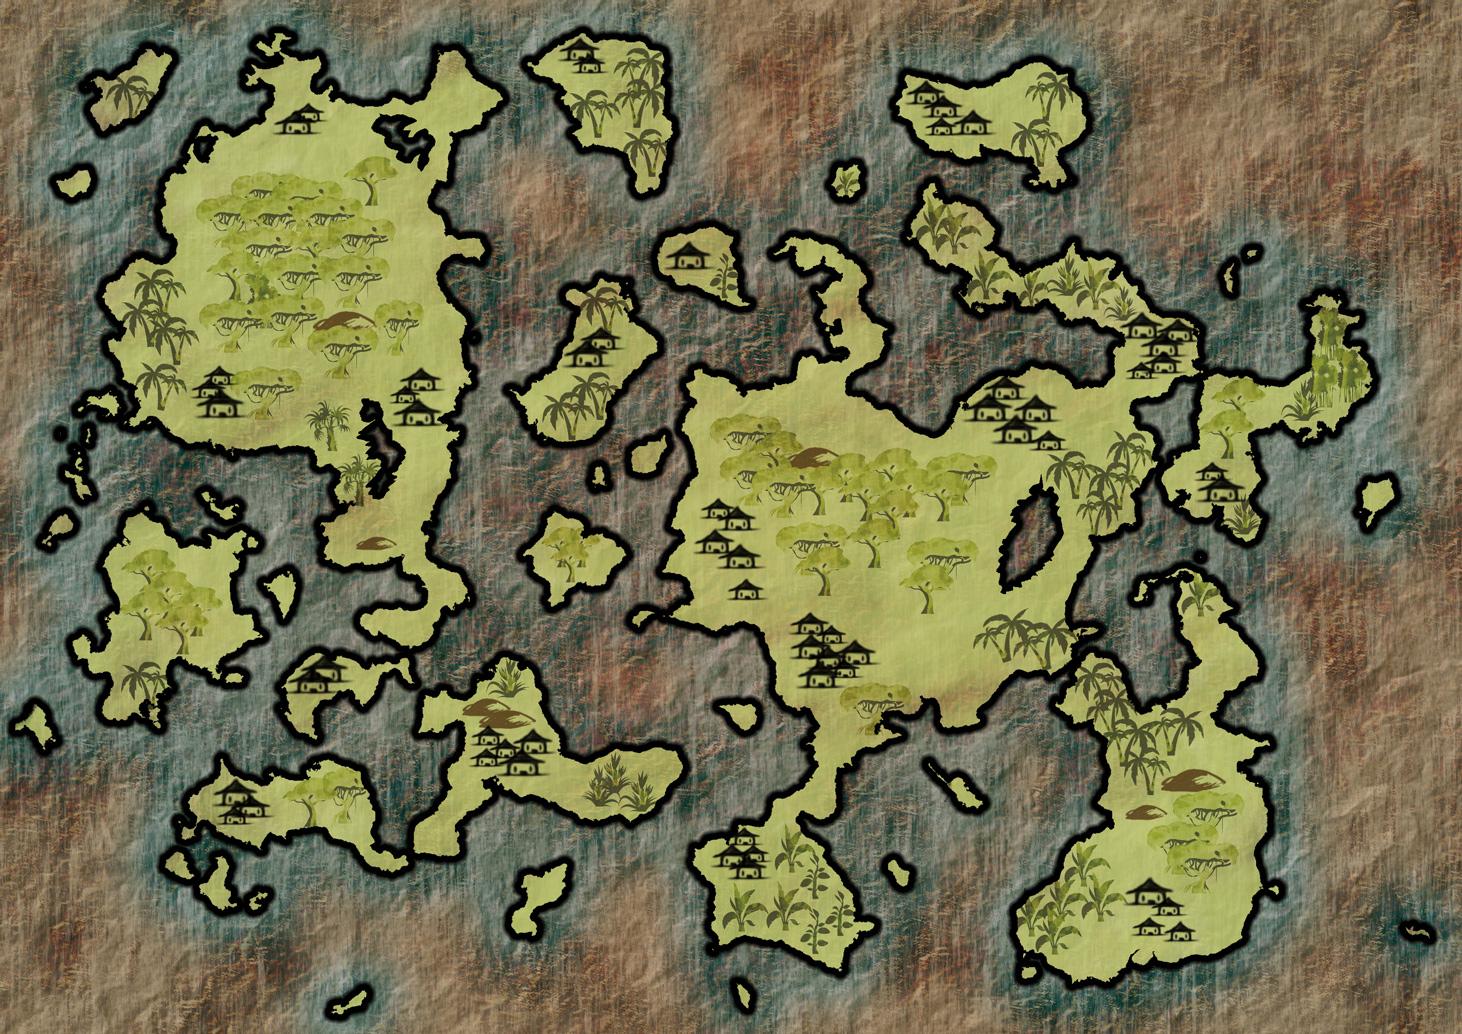 quickmap2